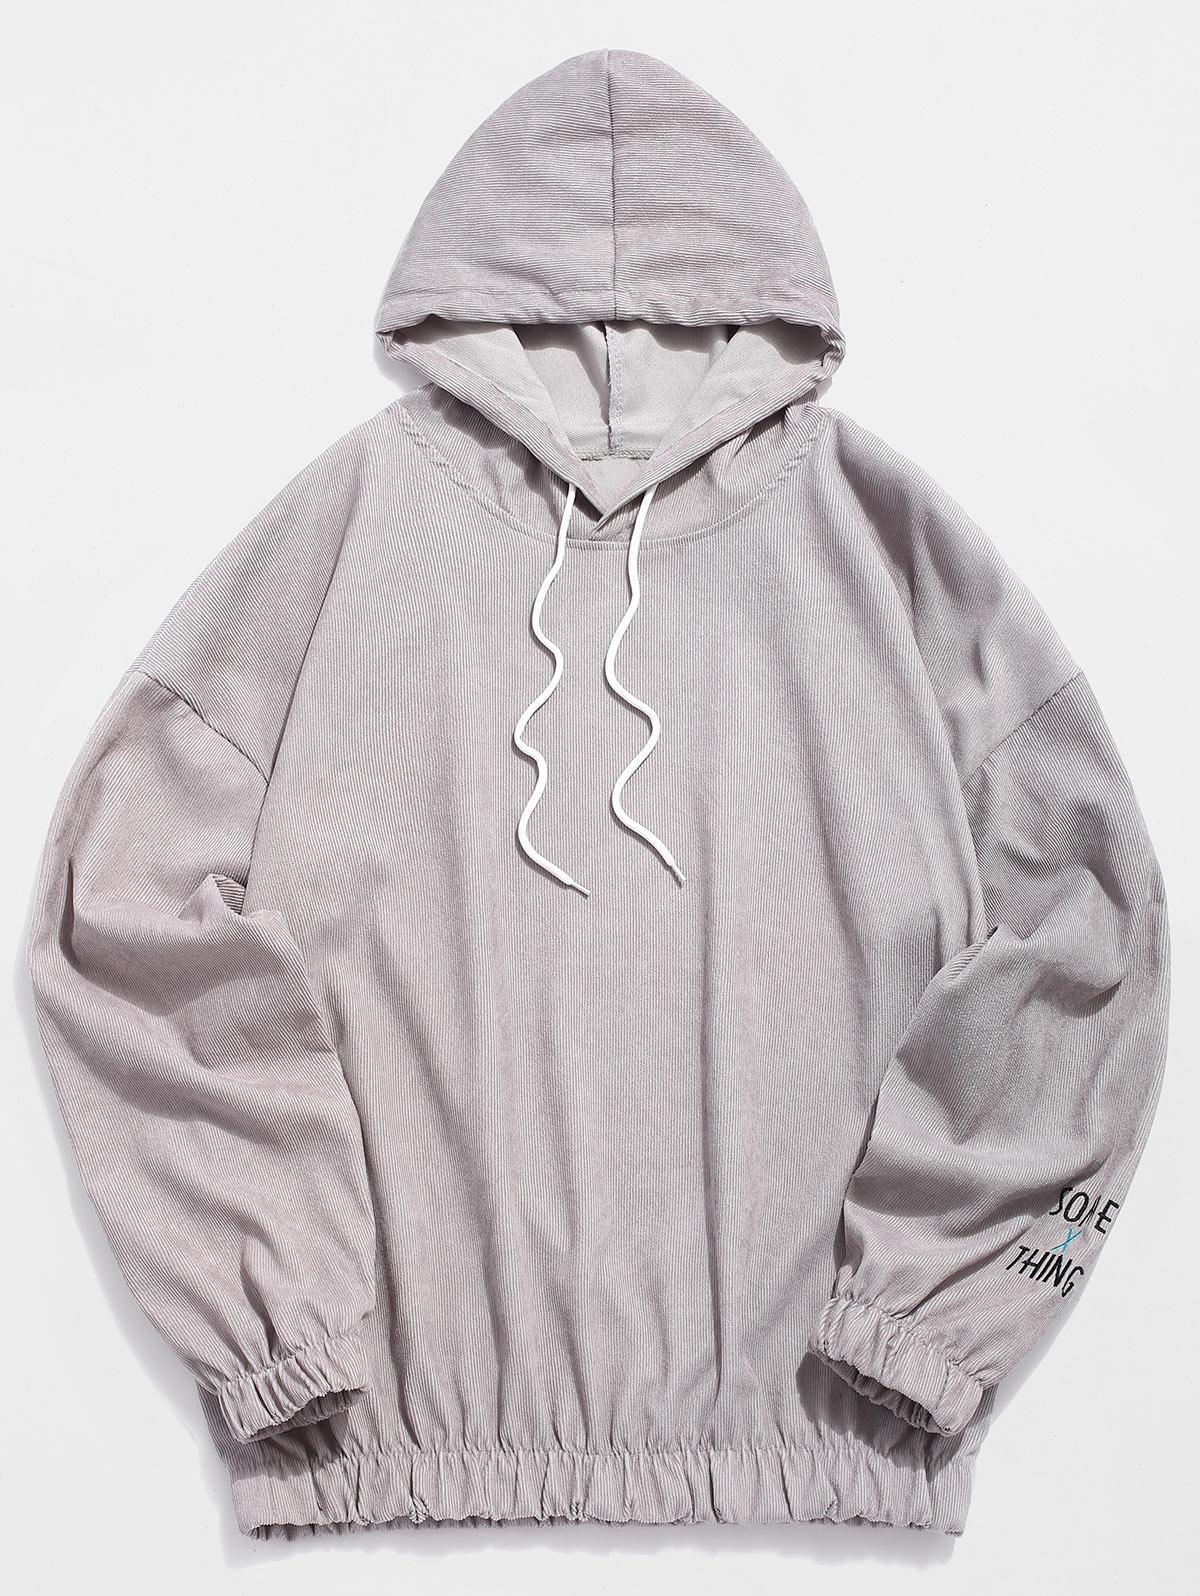 Applique Solid Color Casual Drawstring Hoodie